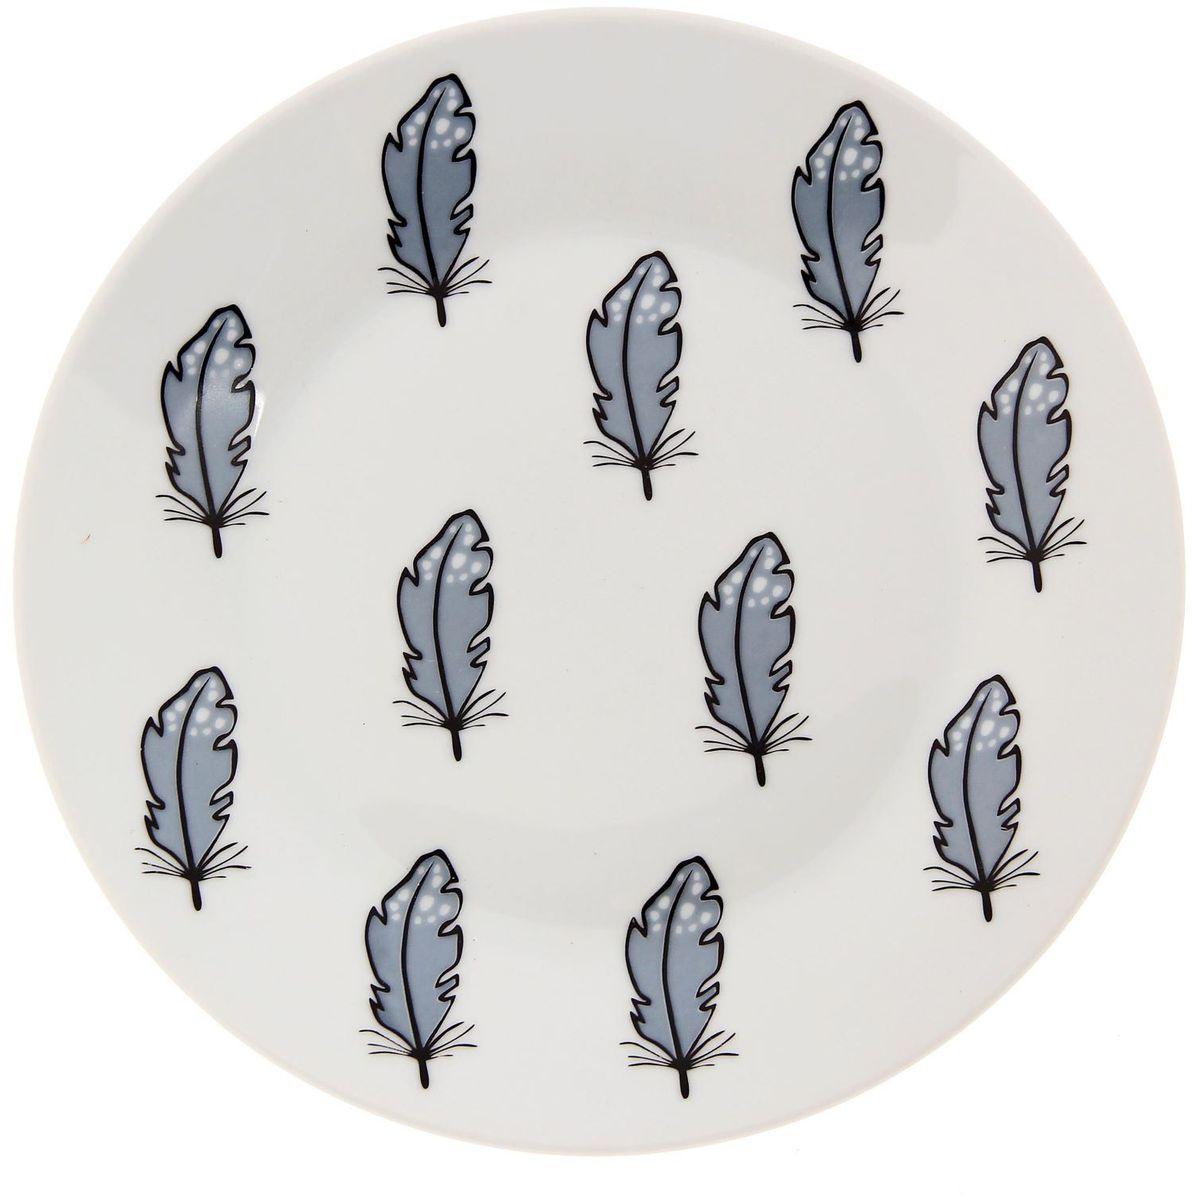 Тарелка мелкая Сотвори чудо Перо, диаметр 20 смVT-1520(SR)Хотите обновить интерьер кухни или гостиной? Устраиваете необычную фотосессию или тематический праздник? А может, просто ищете подарок для близкого человека? Посуда Сотвори Чудо — правильный выбор в любой ситуации. Тарелка Сотвори Чудо, изготовленная из изящного фаянса нежного сливочного цвета, оформлена оригинальным рисунком со стойкой краской. Пригодна для посудомоечной машины.